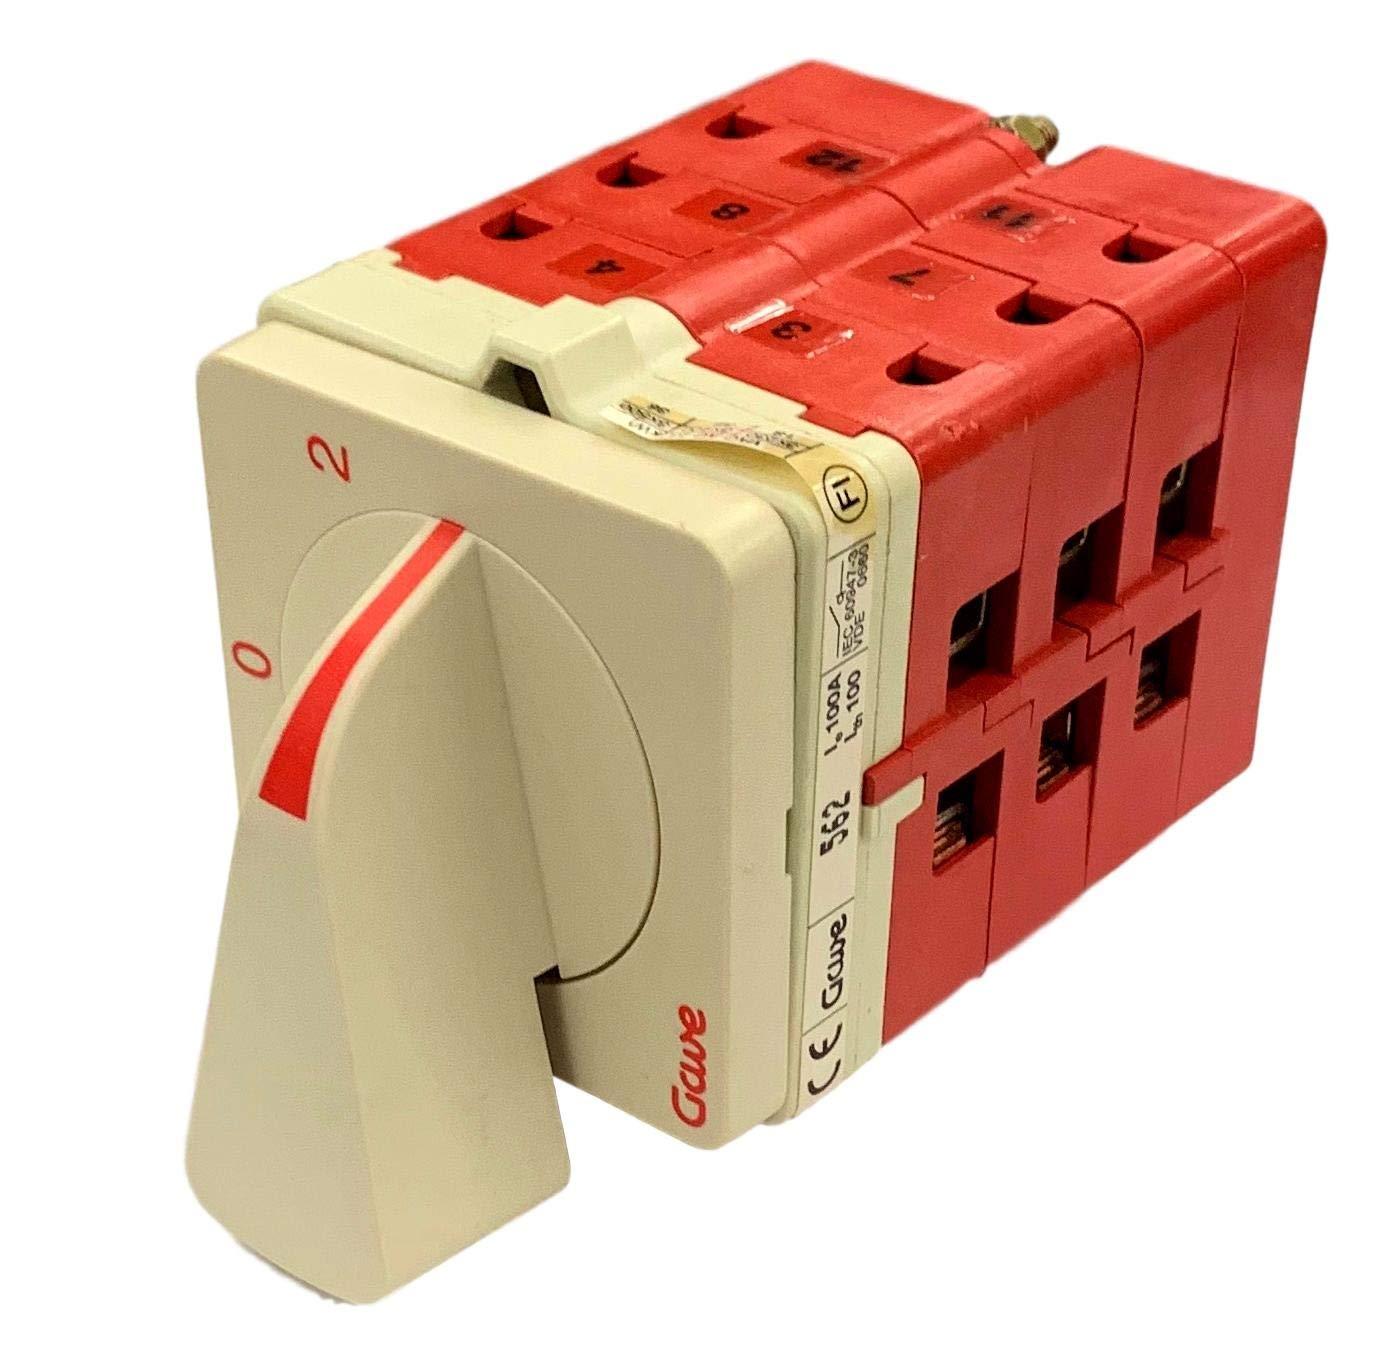 Gave, A-5627100, 100A 600V 3 Position Switch 1-0-2 A5